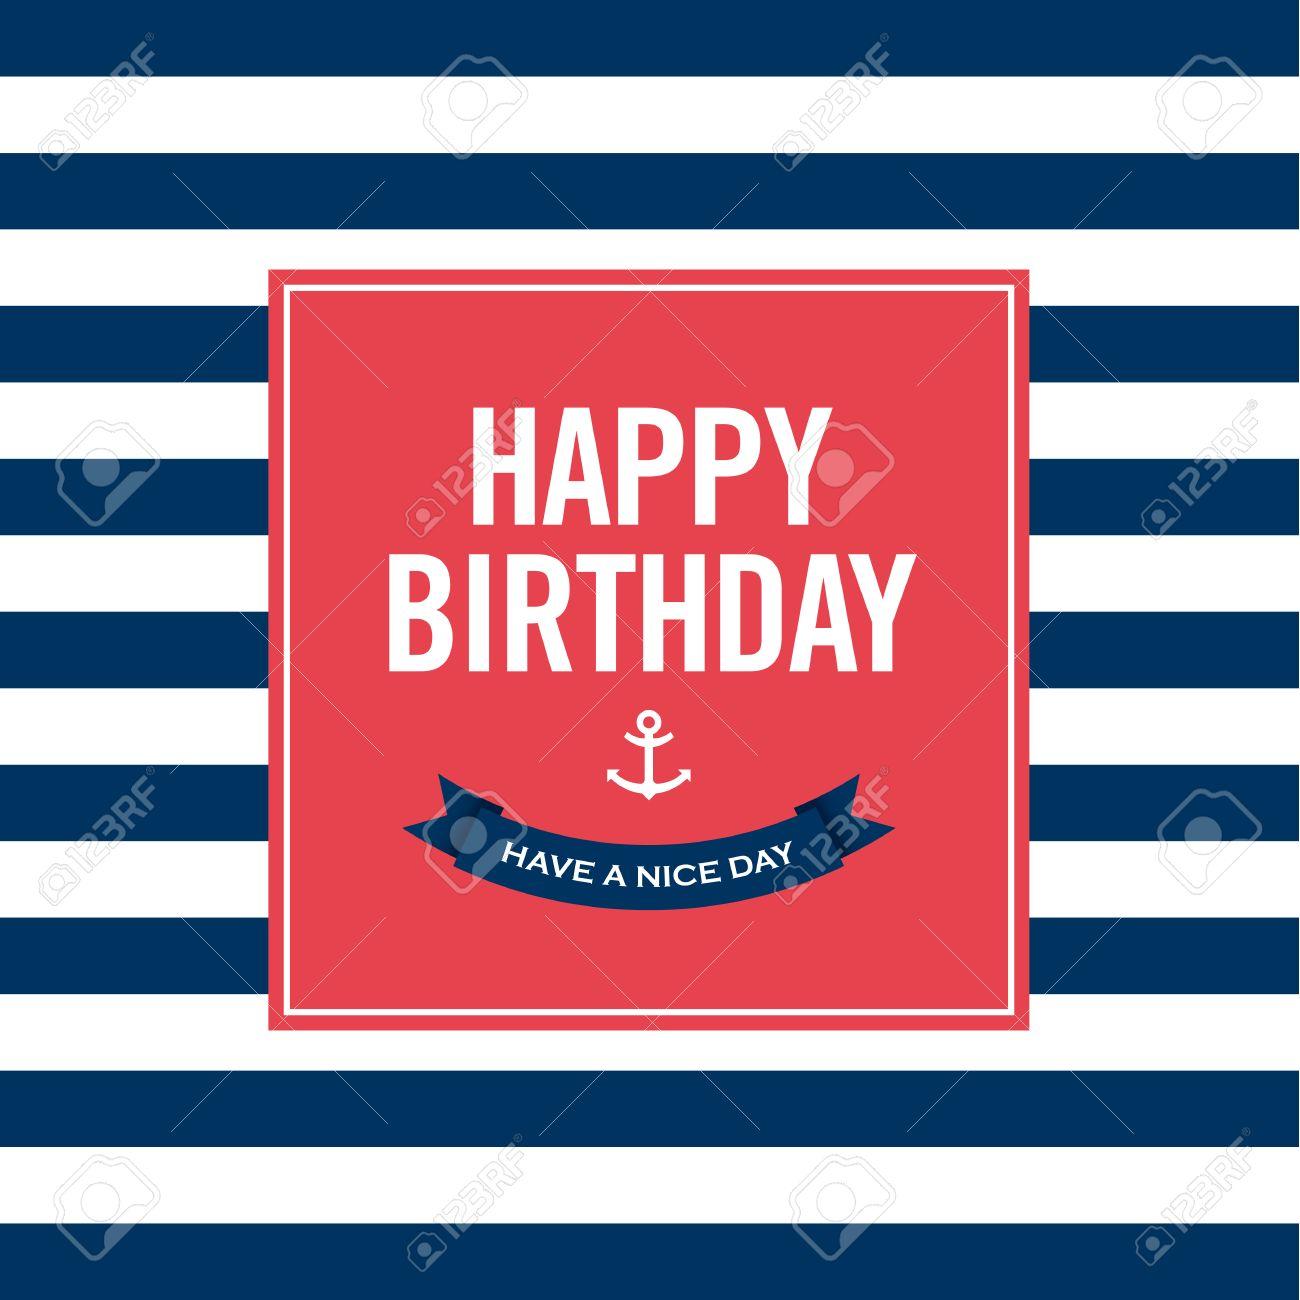 Feliz Cumpleaños Tarjeta De Invitación Marinero Tema Del Texto Y El Color Editable